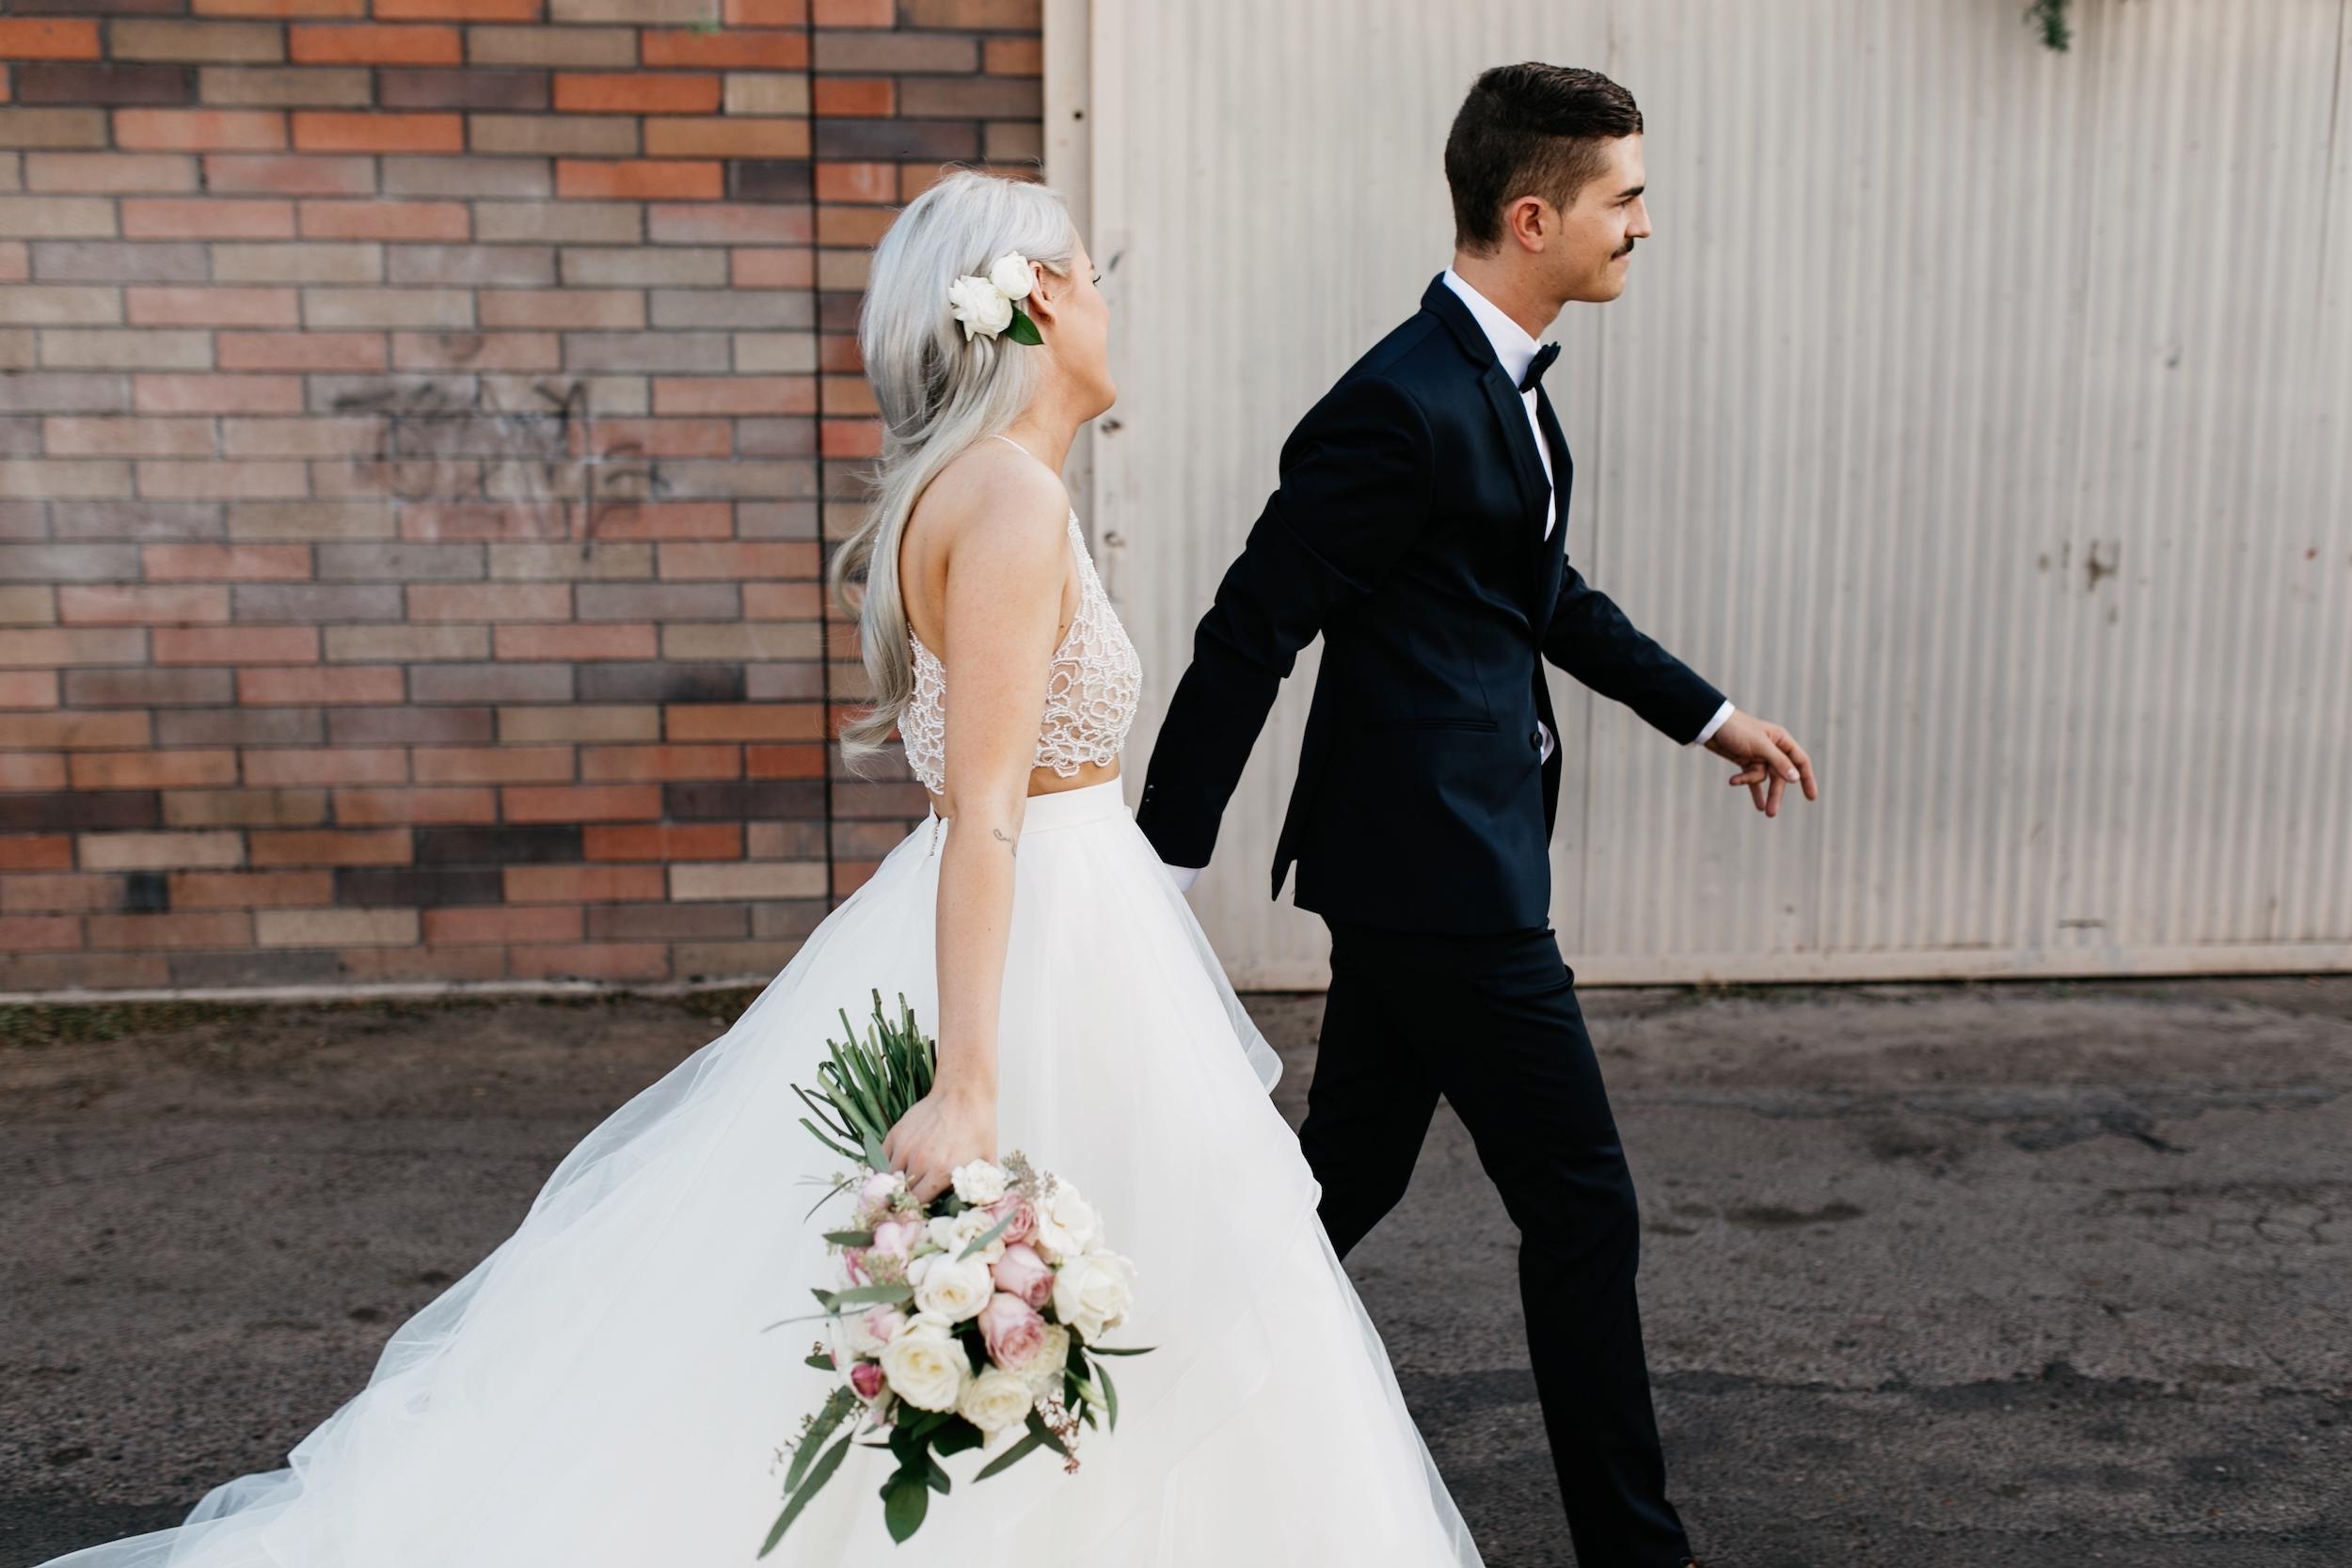 arizona - wedding - photography 01293.jpg